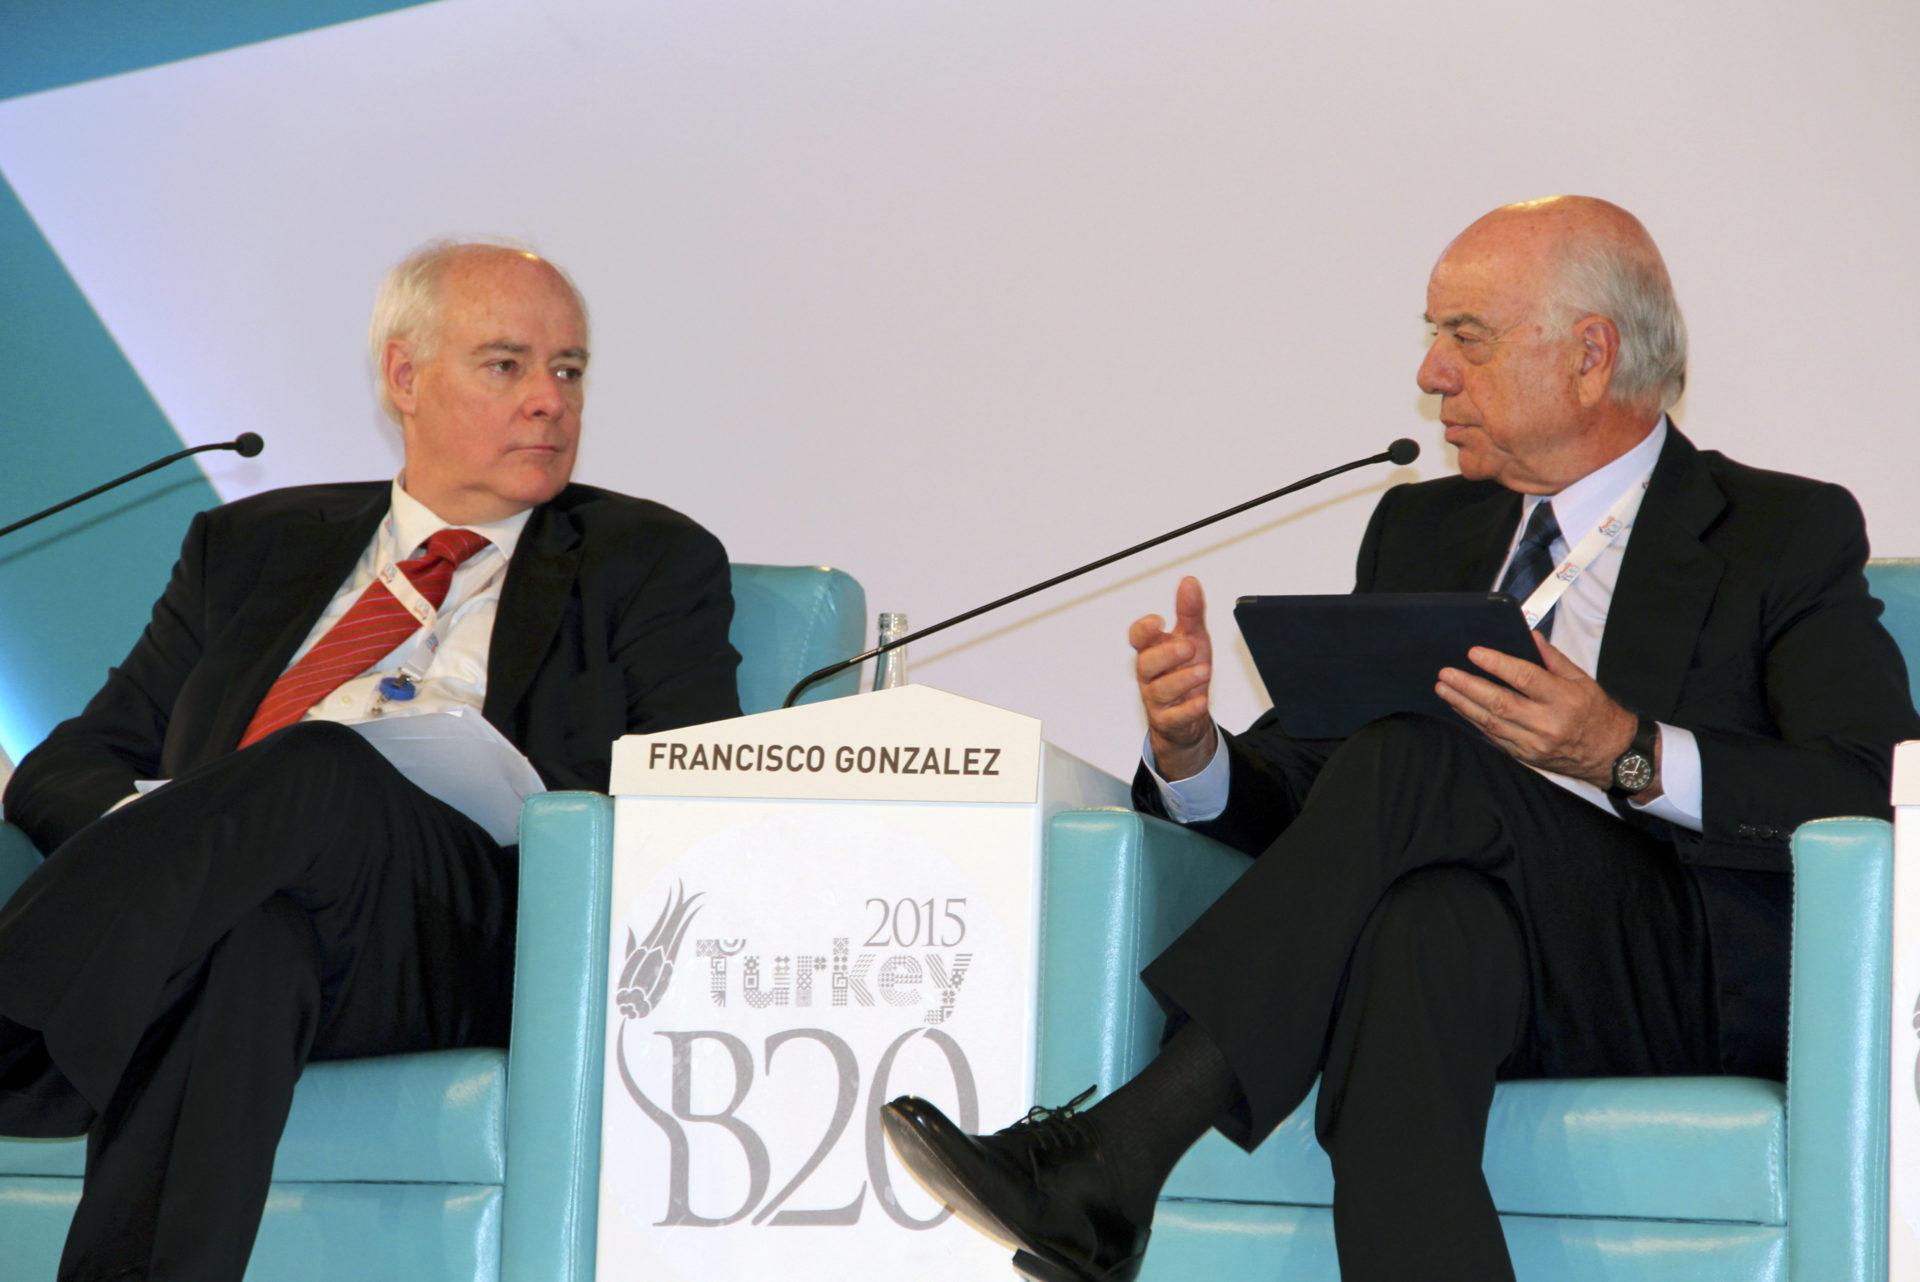 Fotografía de Francisco González, presidente de BBVA, durante su intervención en el G20-B20